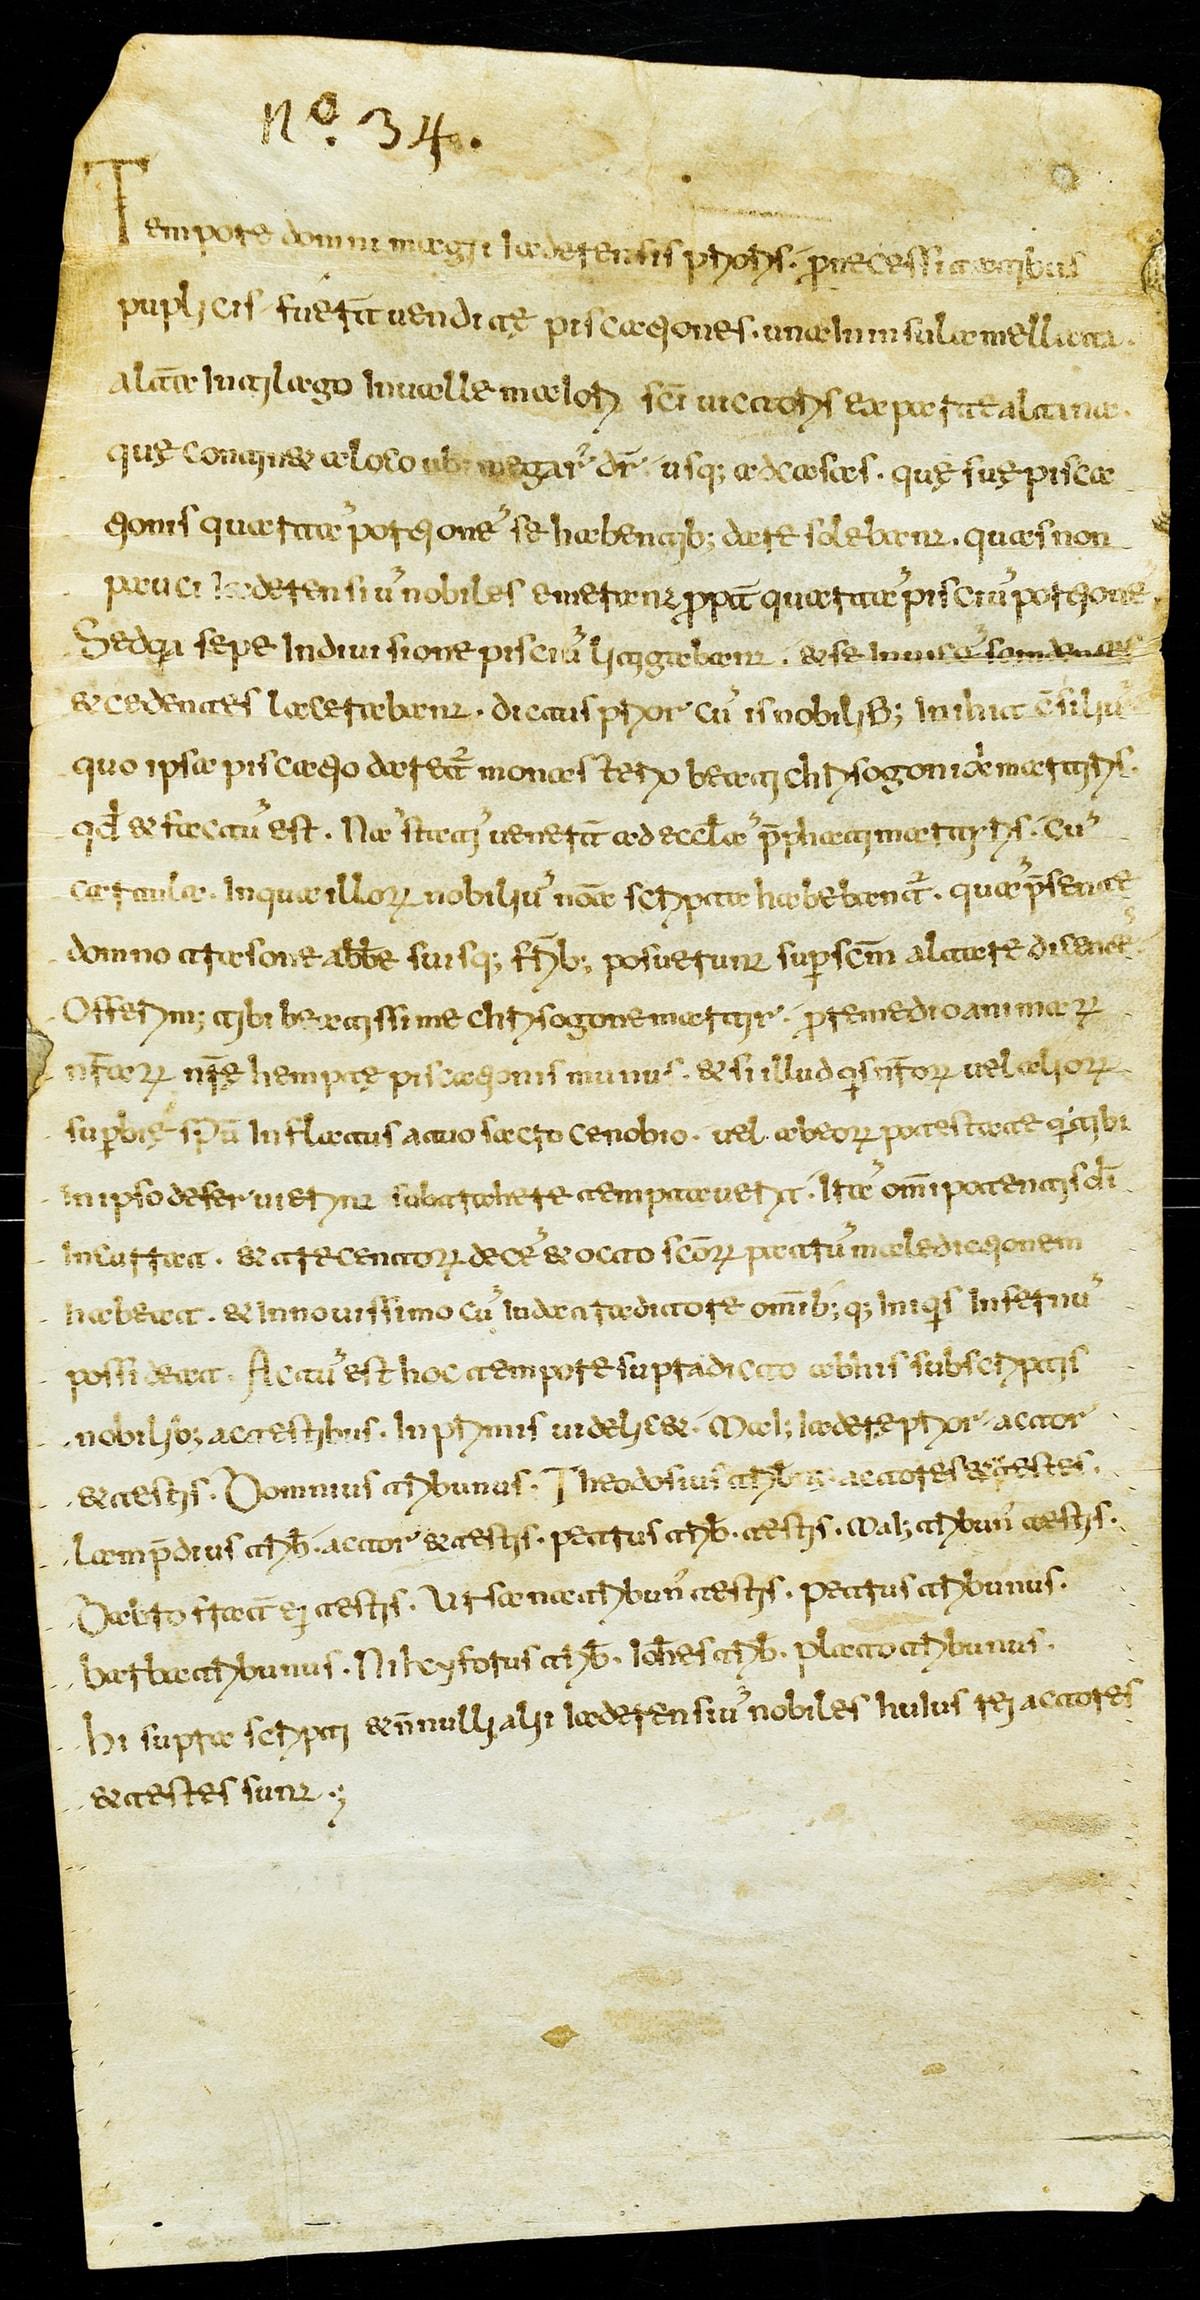 pergamena br 2 dokument o prvom spomenu ribarstva u Hrvata iz 995. godine.